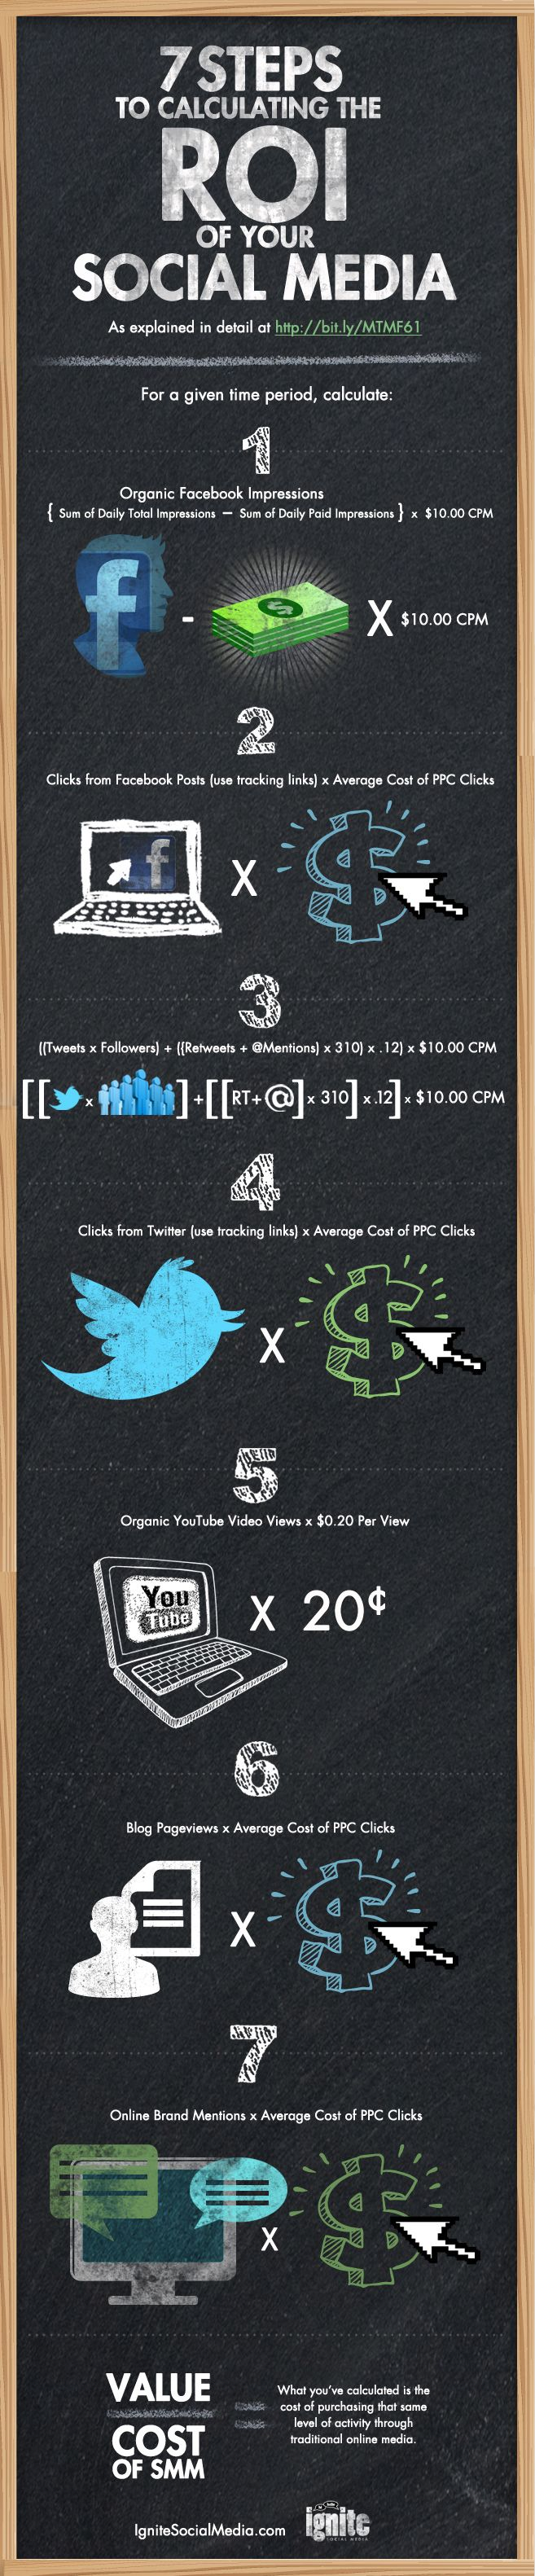 Social Media ROI Ignite Social Media Image #infographic